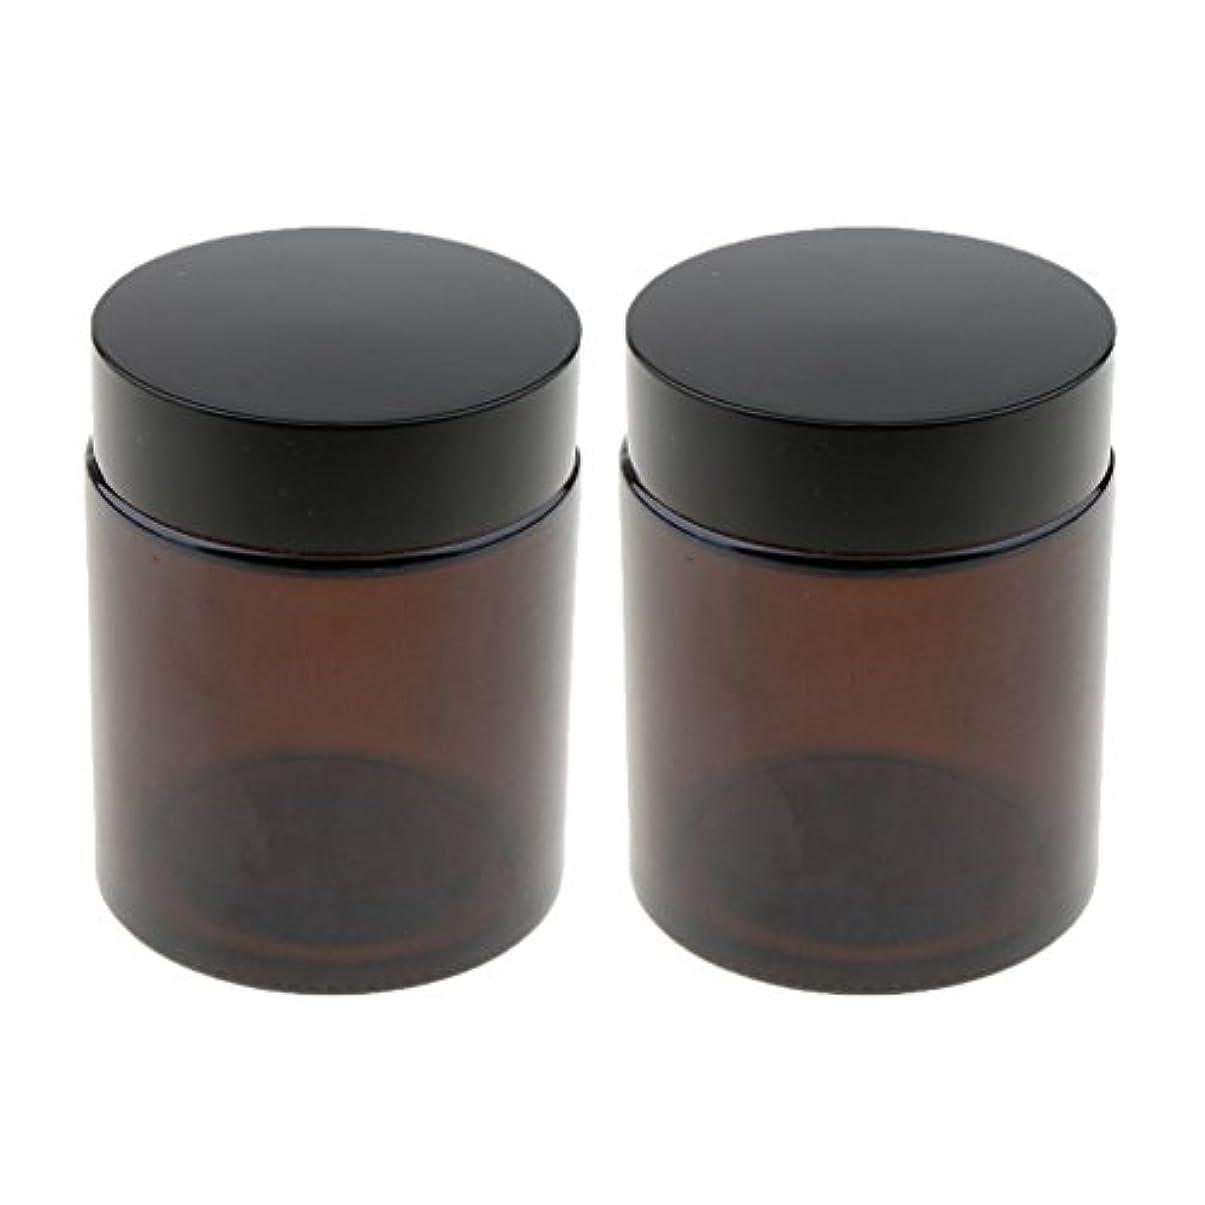 ダイジェスト卒業請求可能Sharplace 空ボトル 小分け容器 メイクアップポット 空ジャー 詰替え用 ガラス製 100g 2個